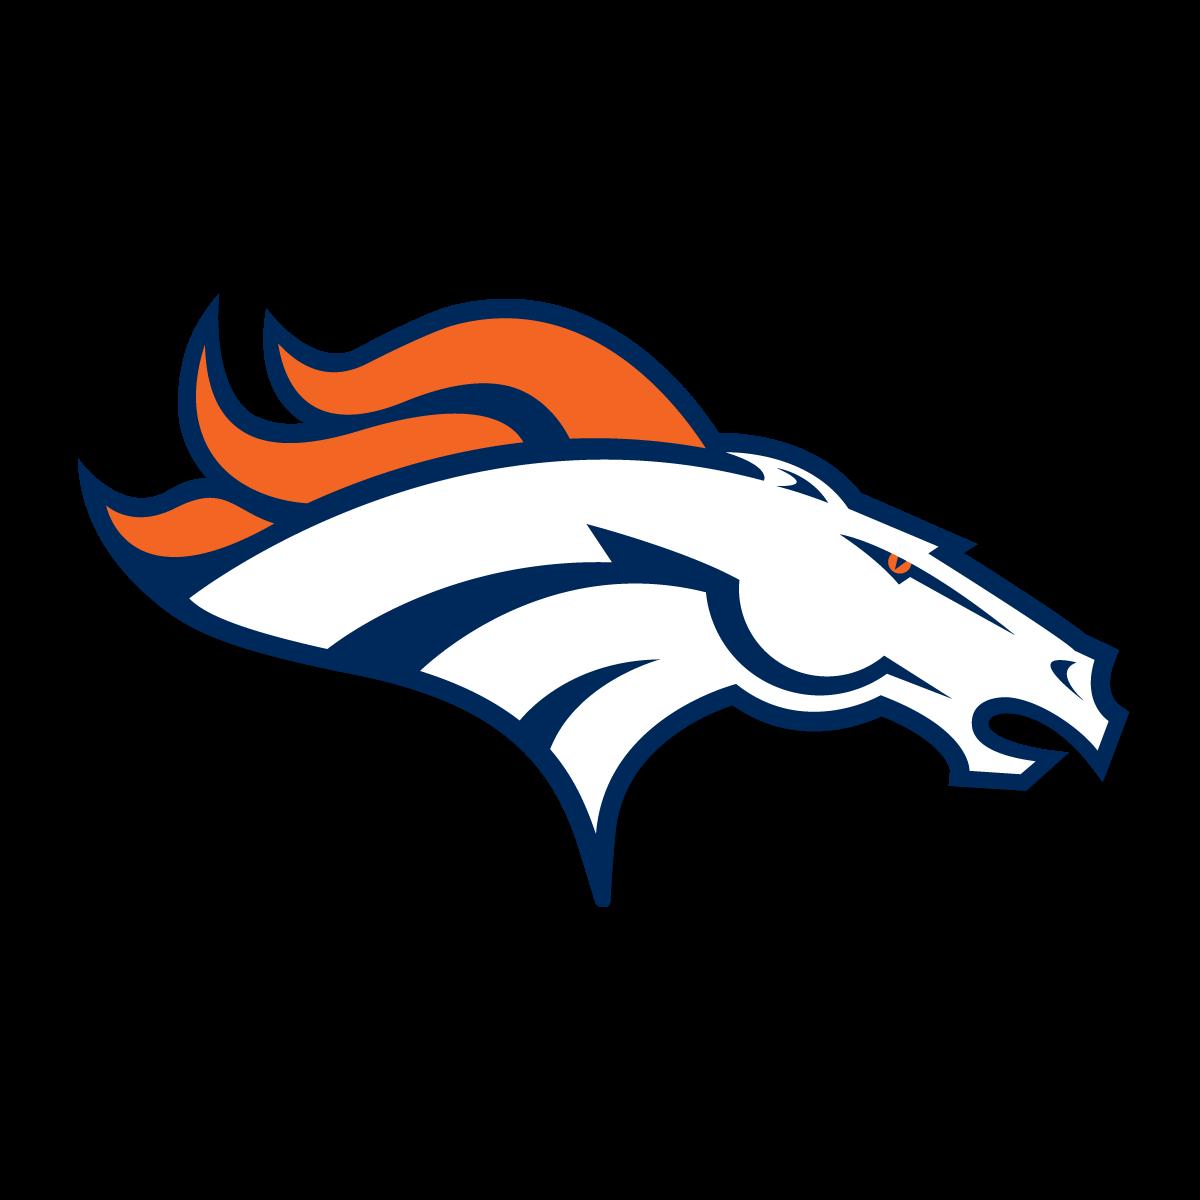 clip freeuse How the Denver Broncos share to social media